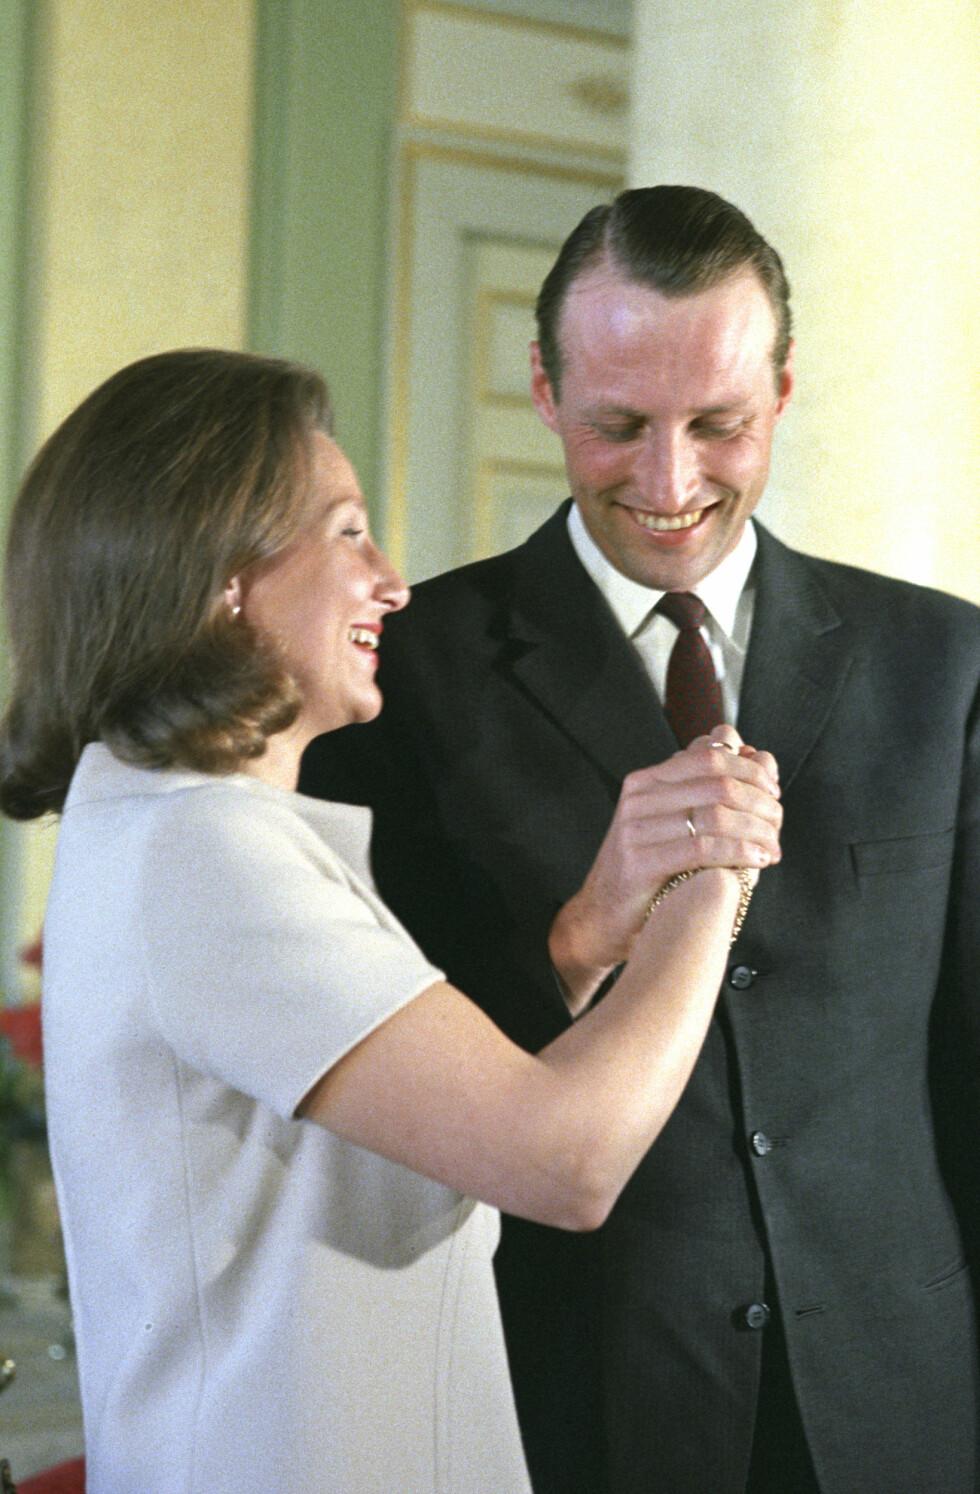 ENDELIG: 21. mars 1968 ble det endelig offisielt at kronprins Harald og Sonja Haraldsen skulle få lov til å gifte seg. Her fra en pressekonferanse på slottet i forbindelse med kunngjøringen av forlovelsen. Se så lykkelige! FOTO: NTB Scanpix